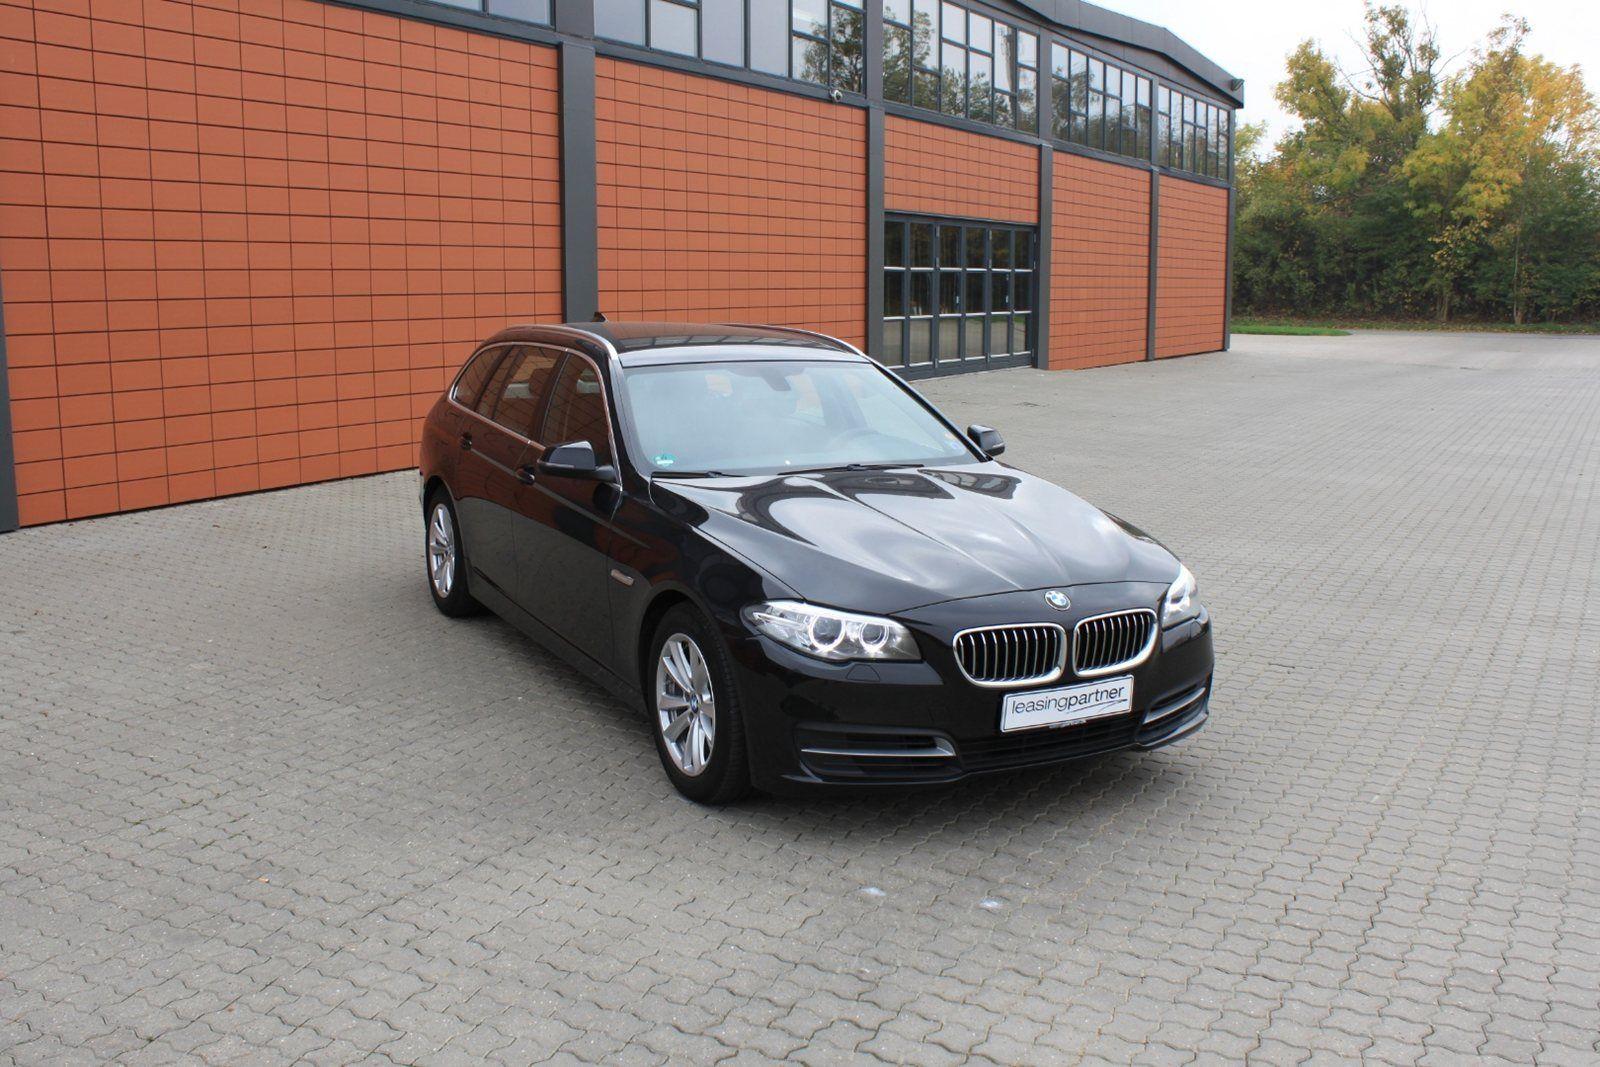 BMW 520d 2,0 Touring aut. 5d, Sortmetal